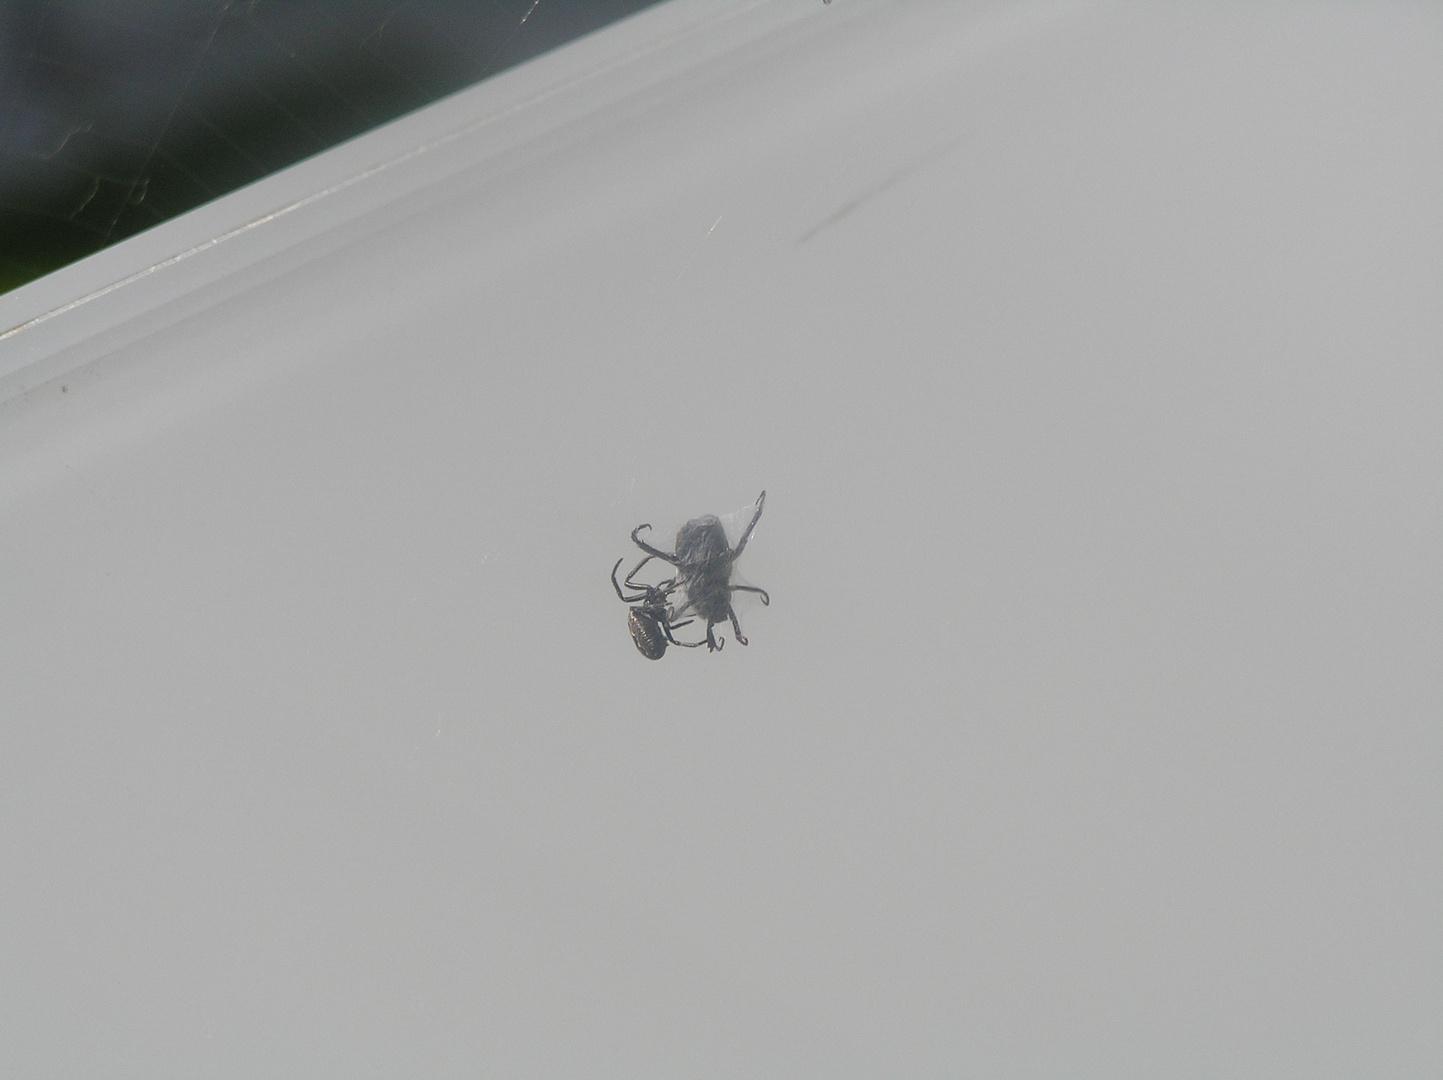 Spinne hatte Glück